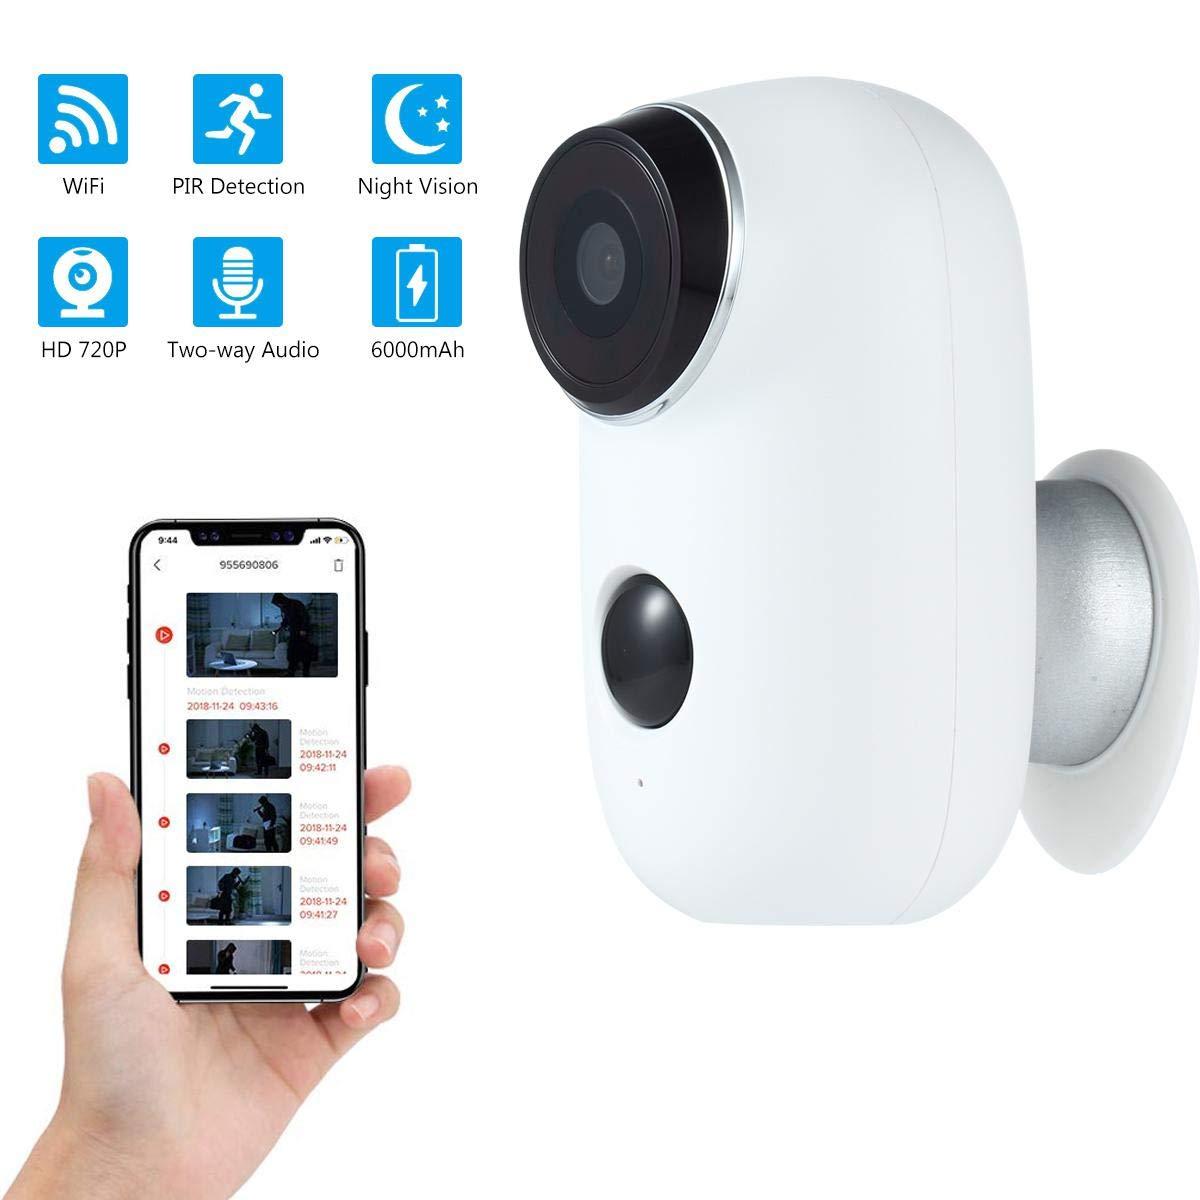 Audio Bidirezionale a 2 Vie 6000mA Batteria Ricaricabile FOONEE Telecamera Video Sorveglianza Camera IP Sensore Movimento Visione Notturna 720p HD Videocamera di Sorveglianza